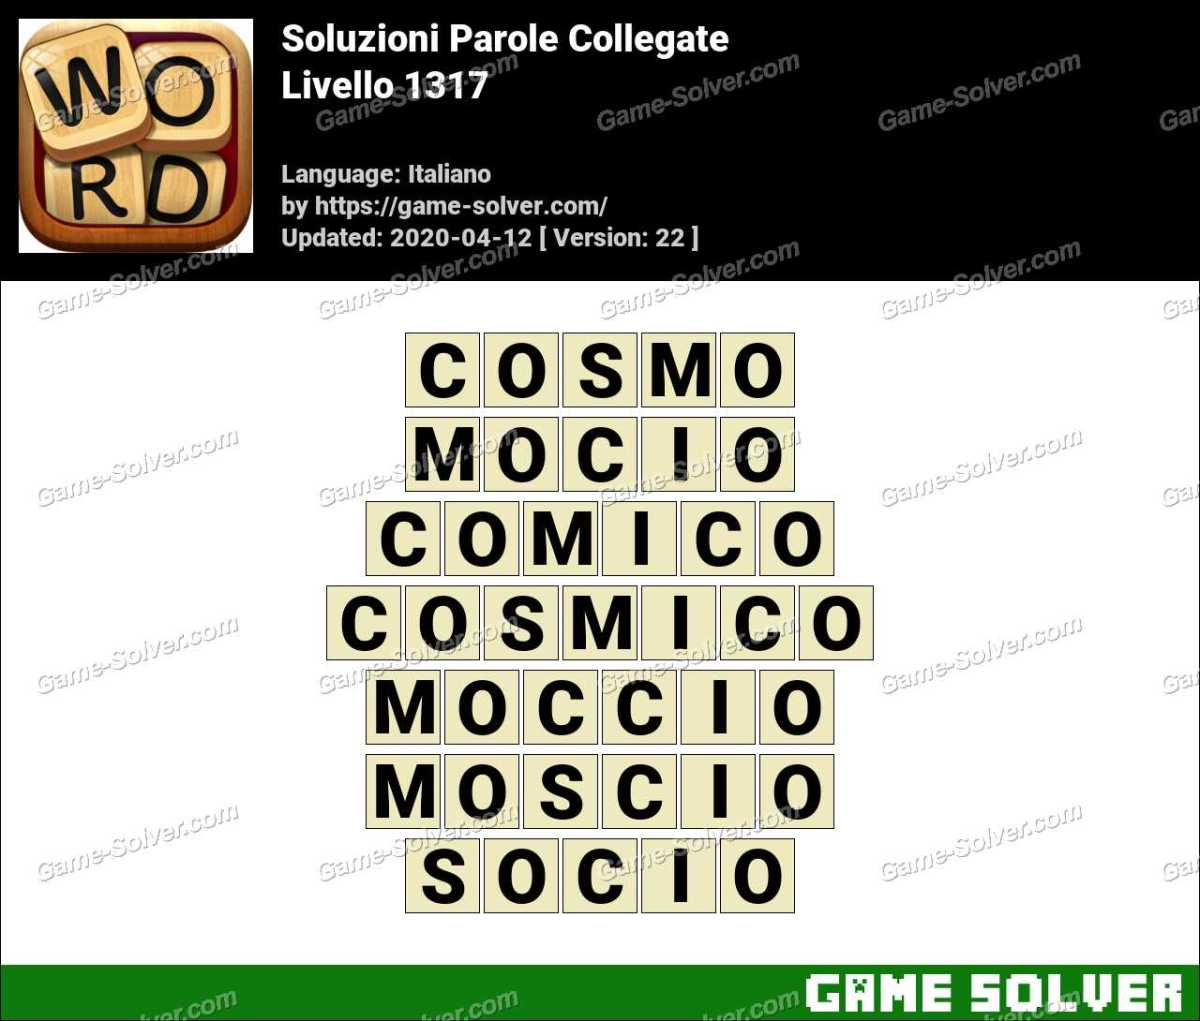 Soluzioni Parole Collegate Livello 1317